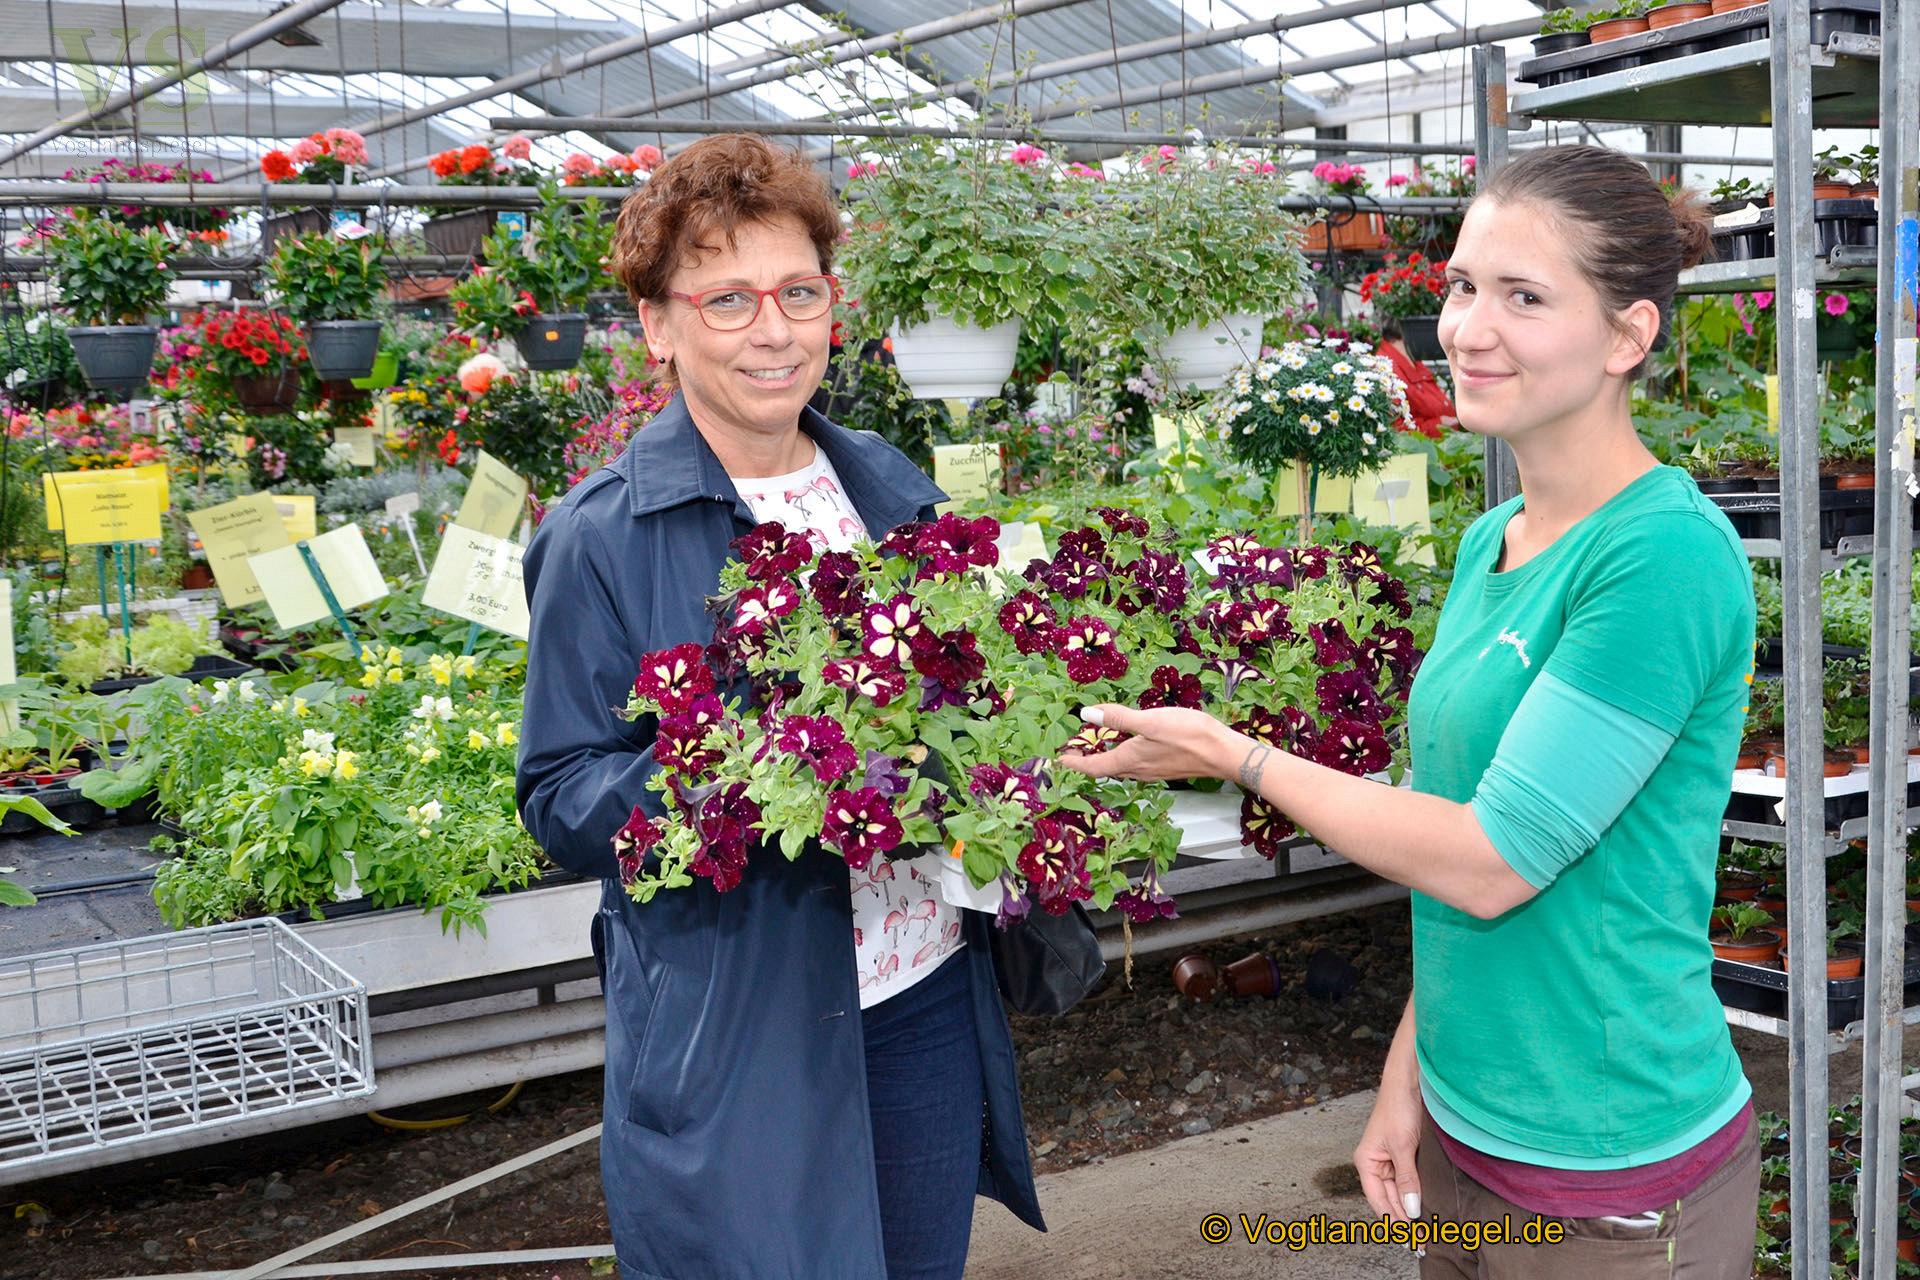 Mitarbeiterin Sabrina (r.) berät Kundin Angela Gollmann beim Pflanzenkauf.